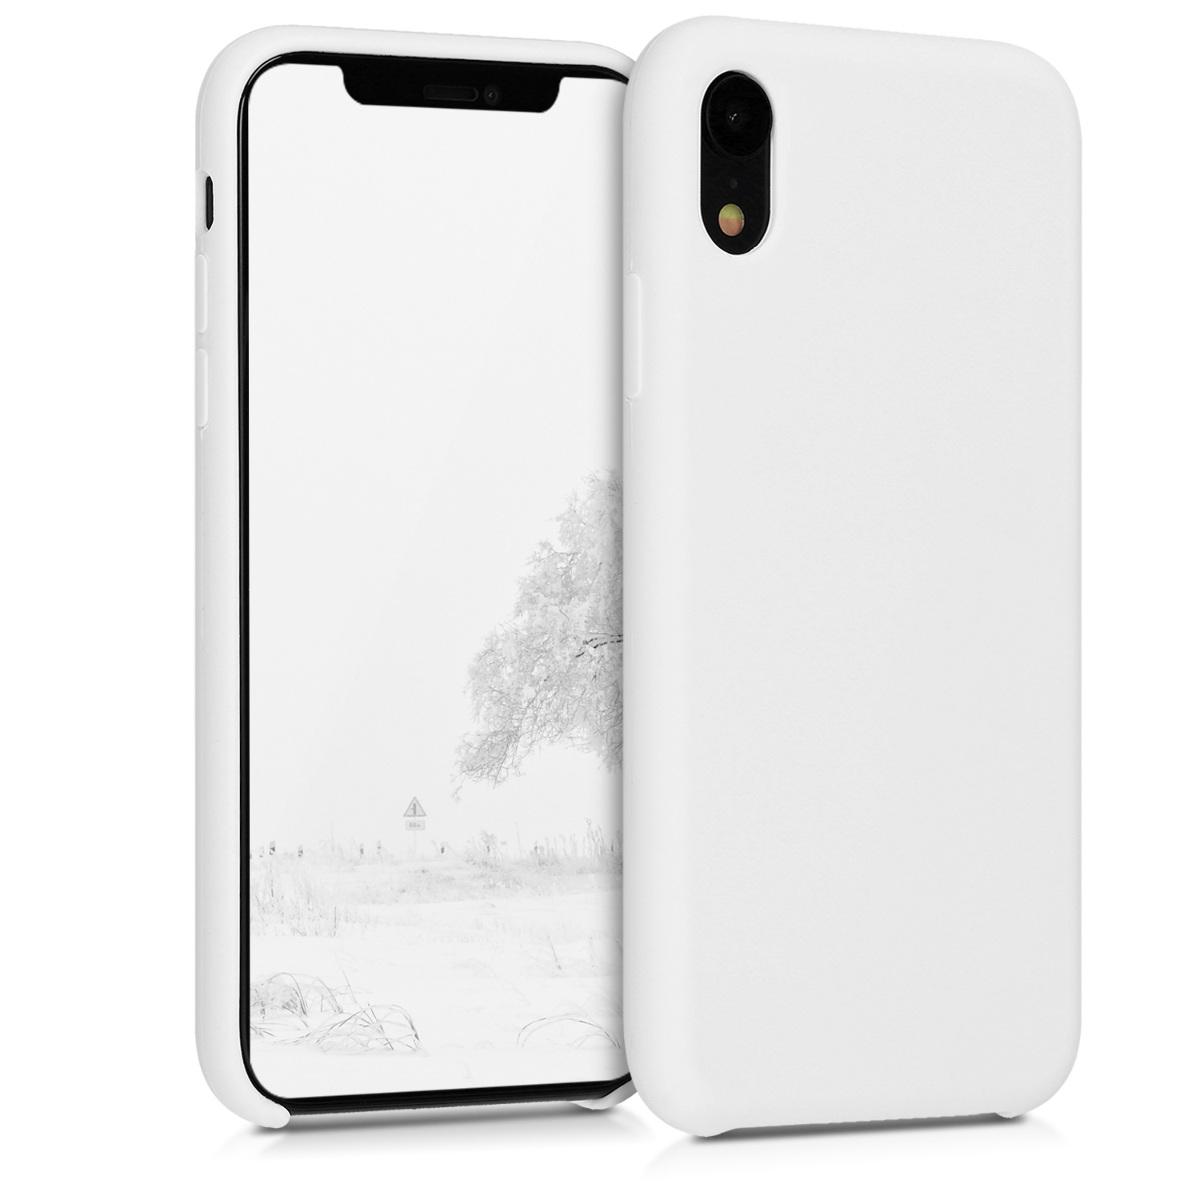 KW TPU Θήκη Σιλικόνης Apple iPhone XR - Soft Flexible Rubber - White (45910.02)